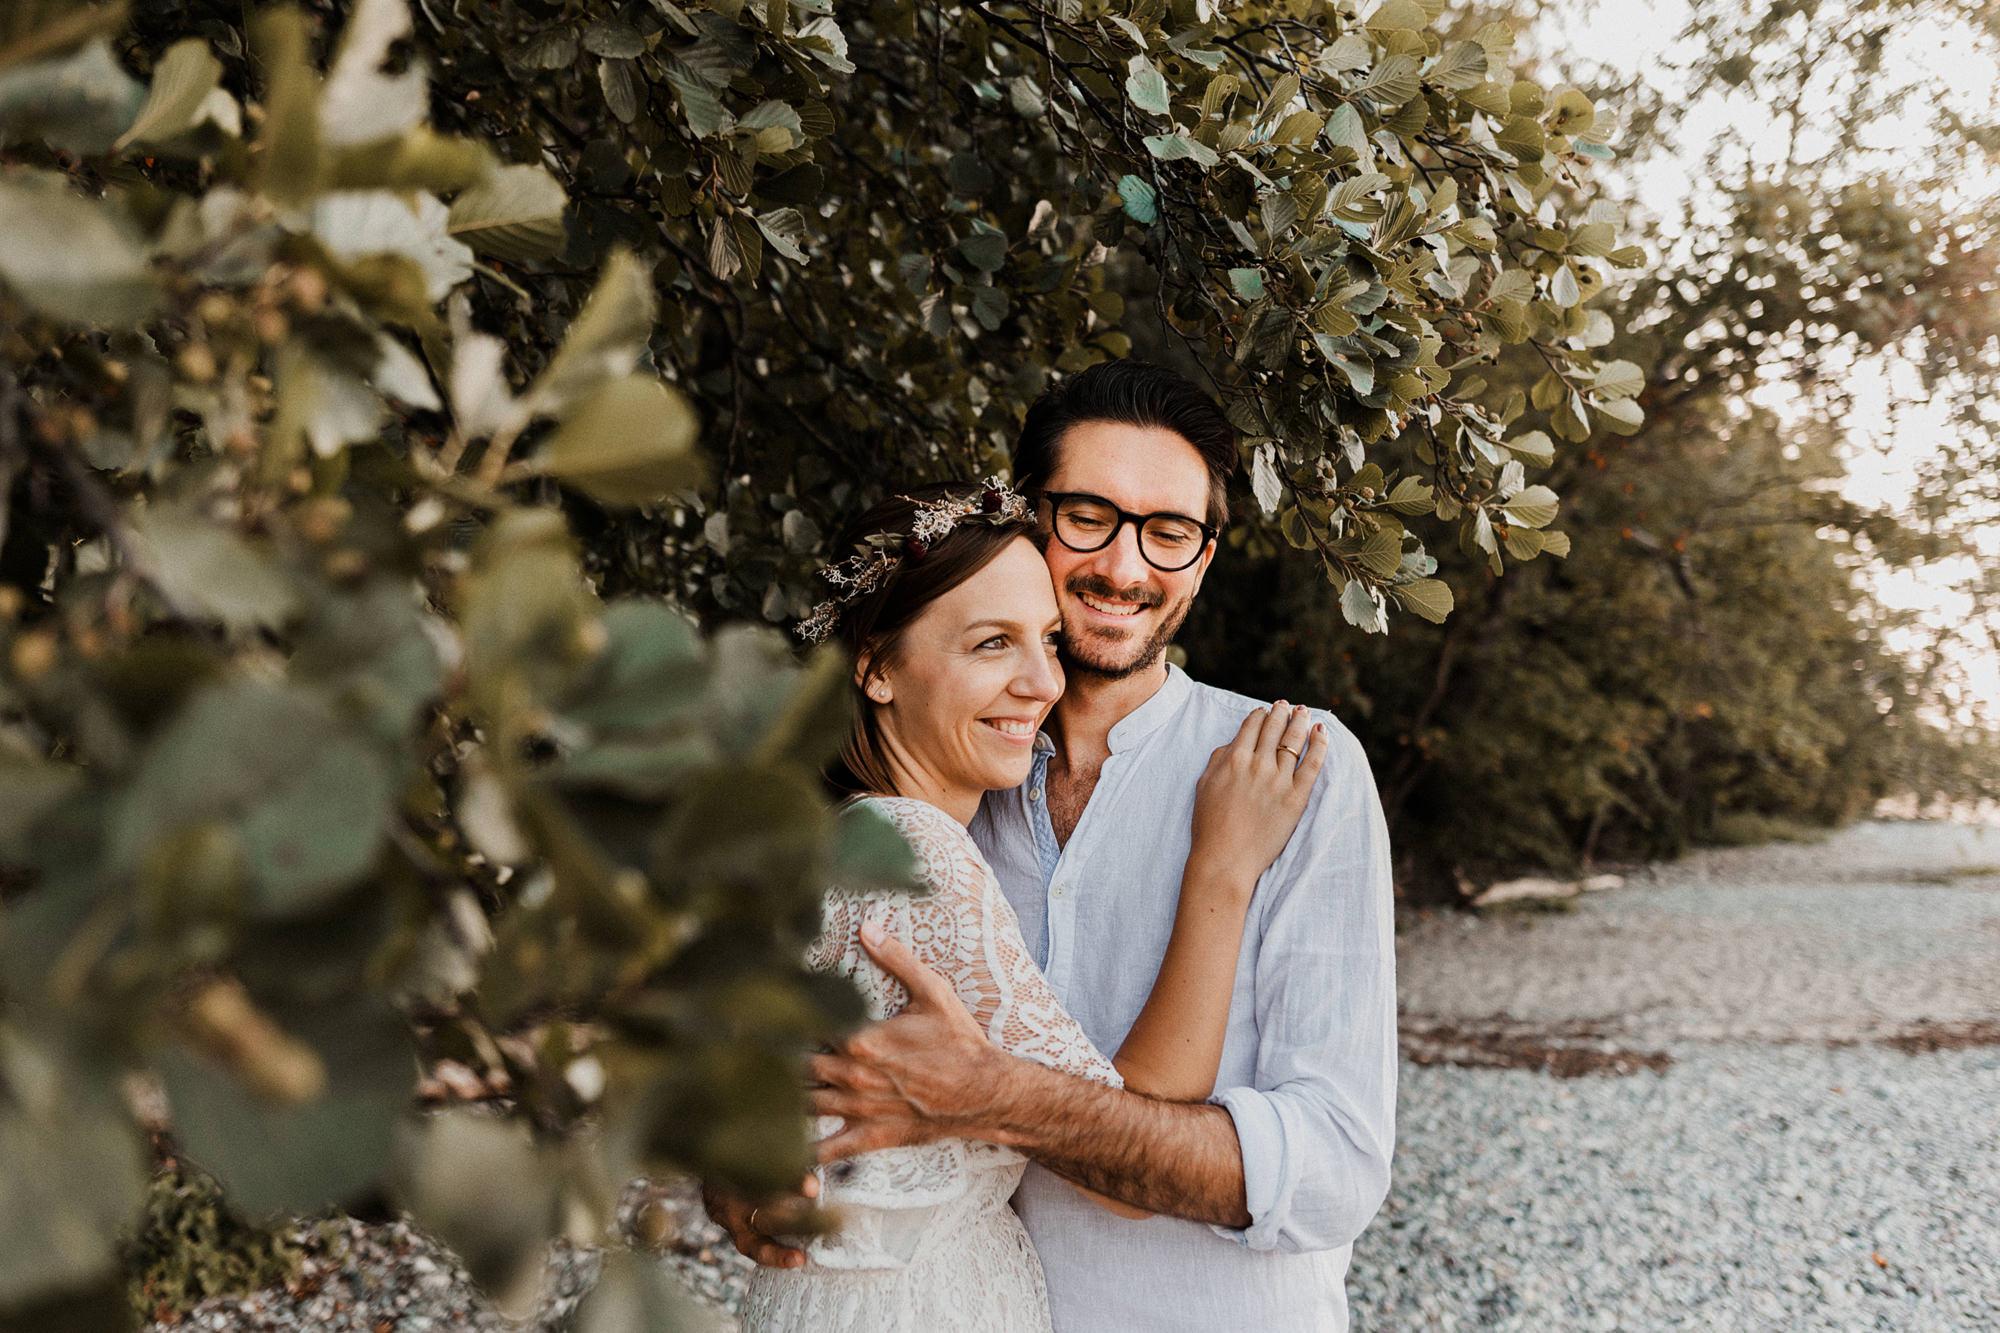 Hochzeitsfotograf an der Ostsee - freie Trauung auf Rügen - Paarfotografie in Binz